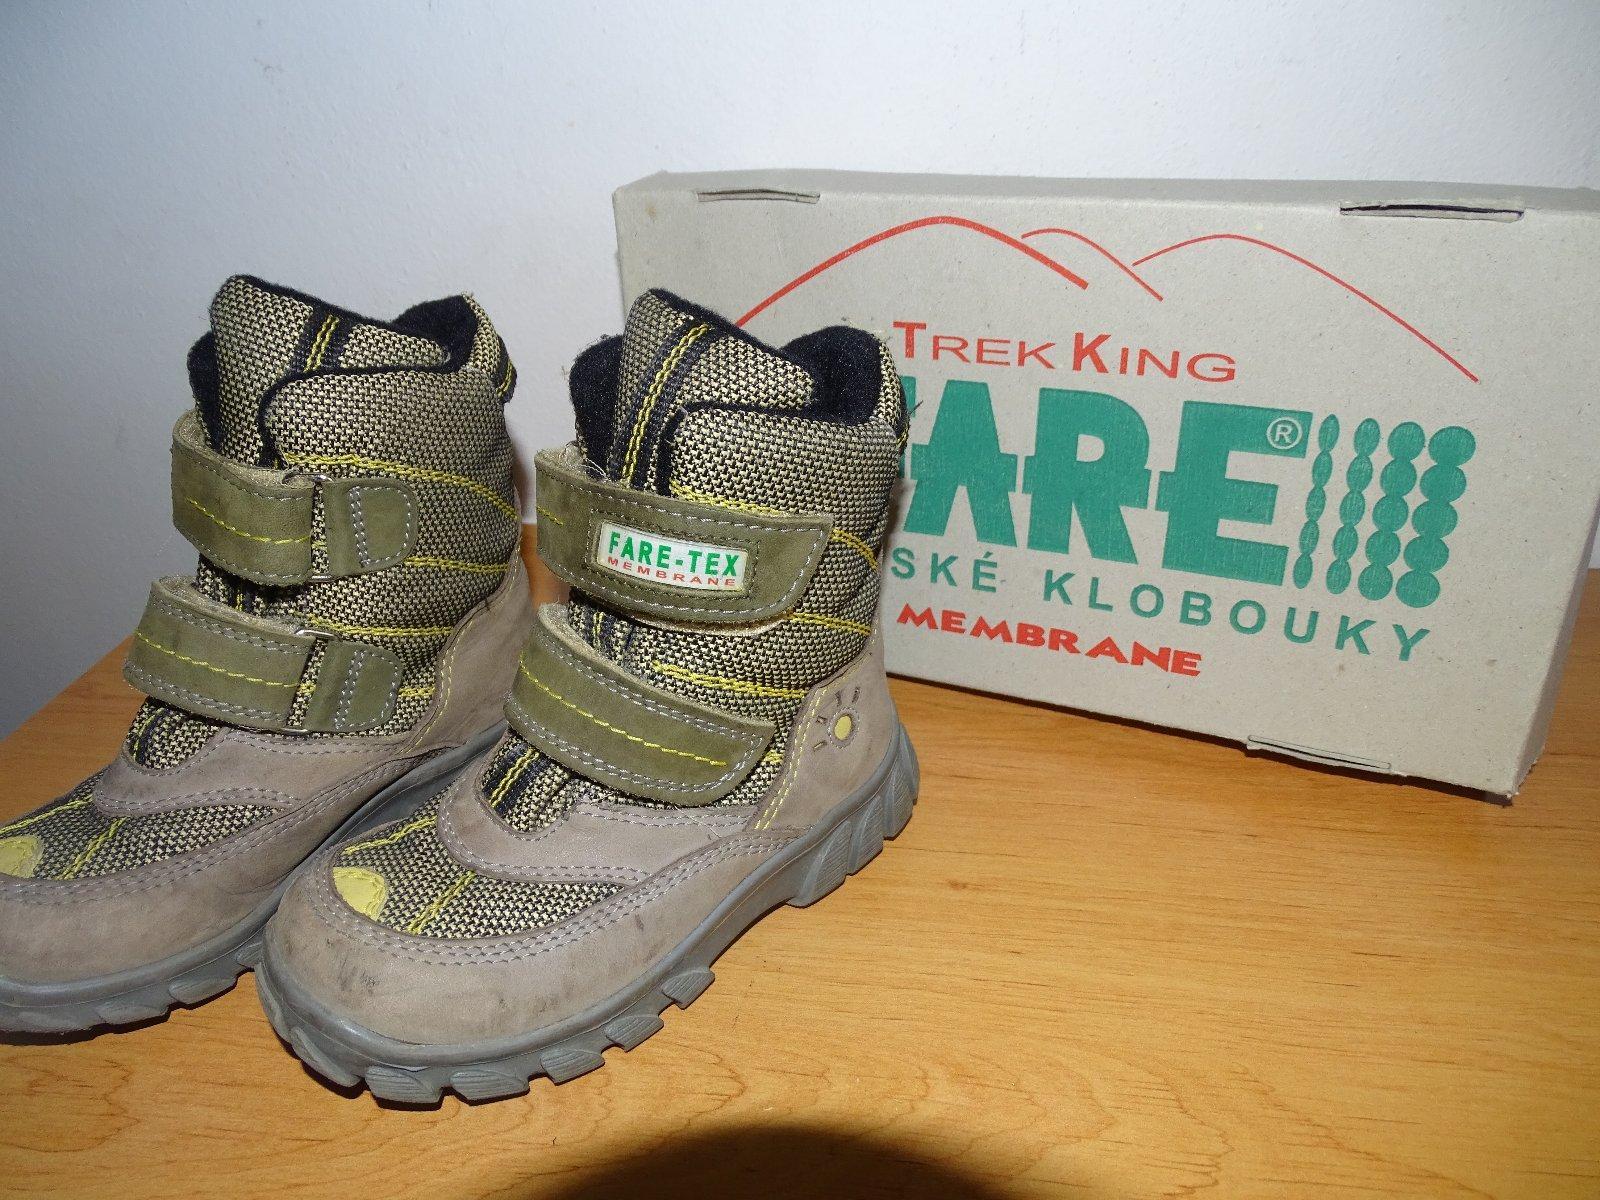 6b9a43c5fc4 Fare zimní goretexové boty vel. 25